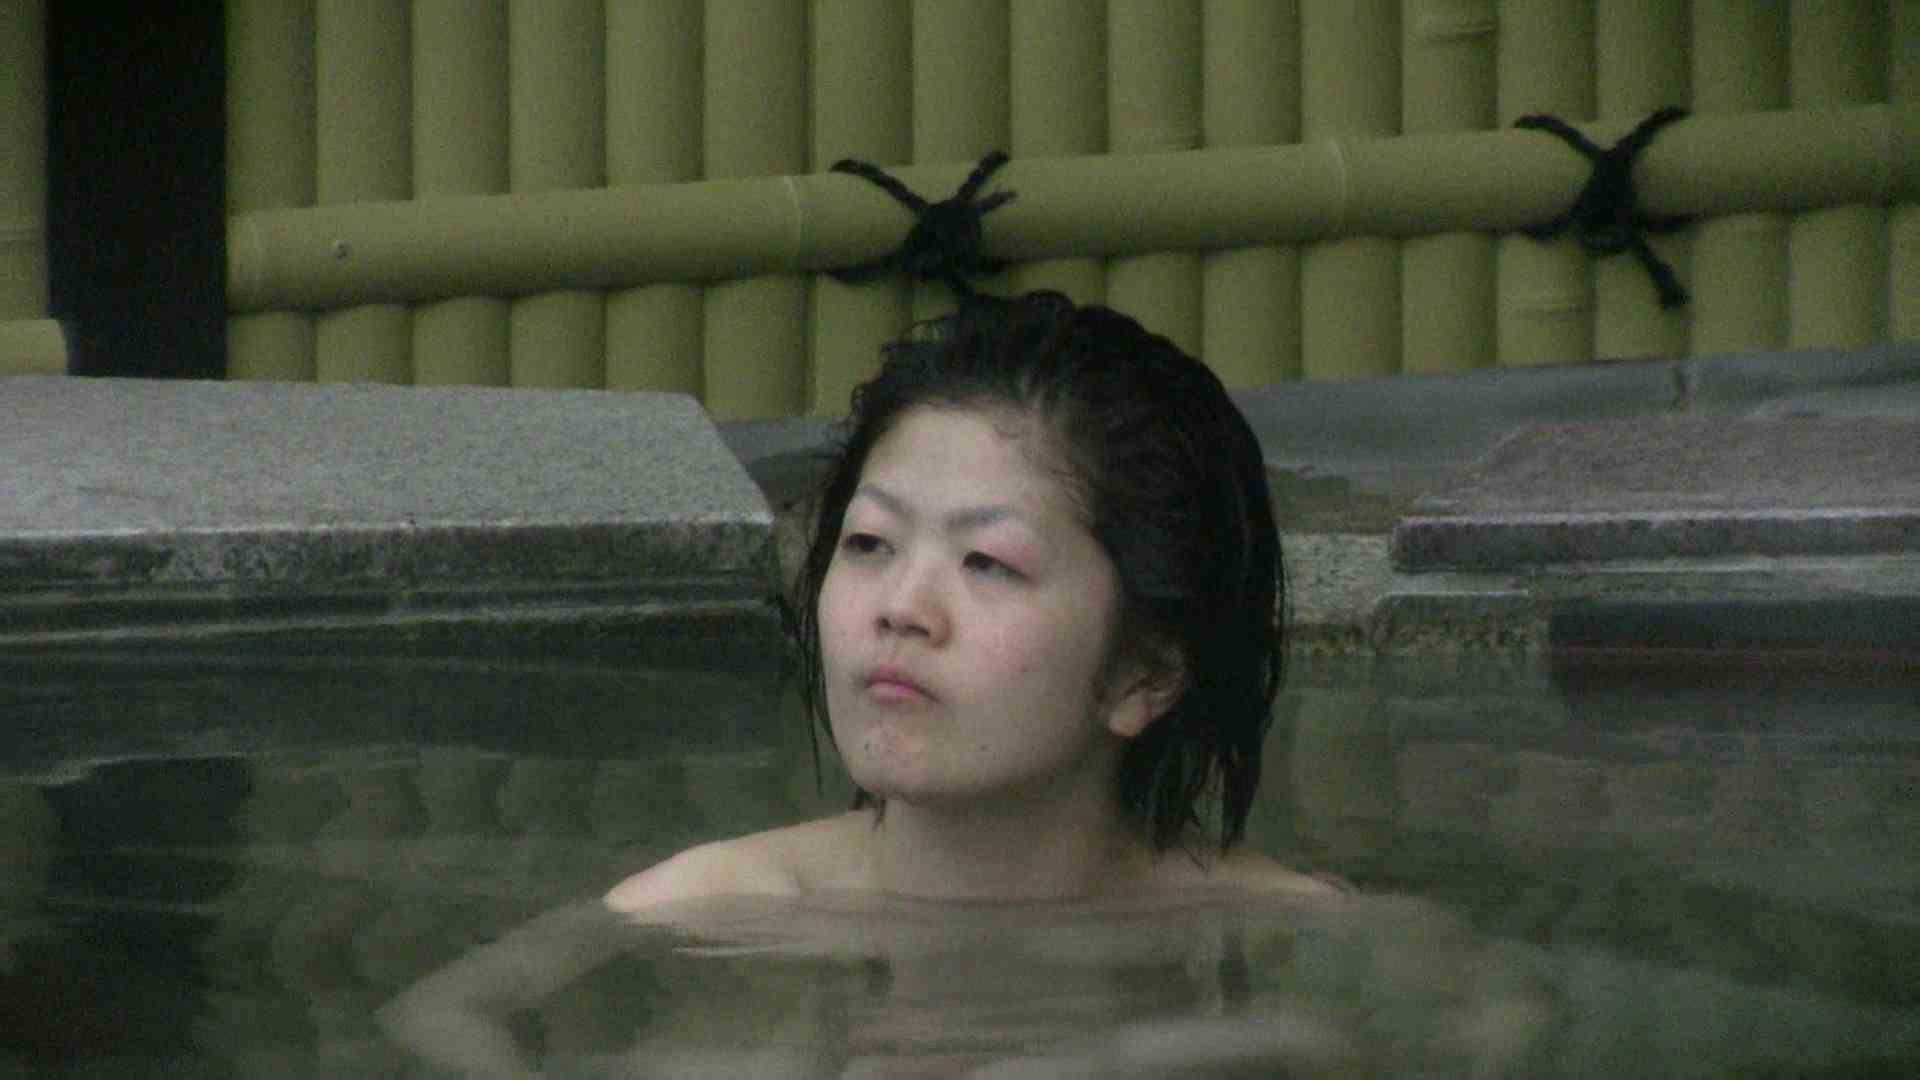 Aquaな露天風呂Vol.538 露天 | 盗撮  48pic 27